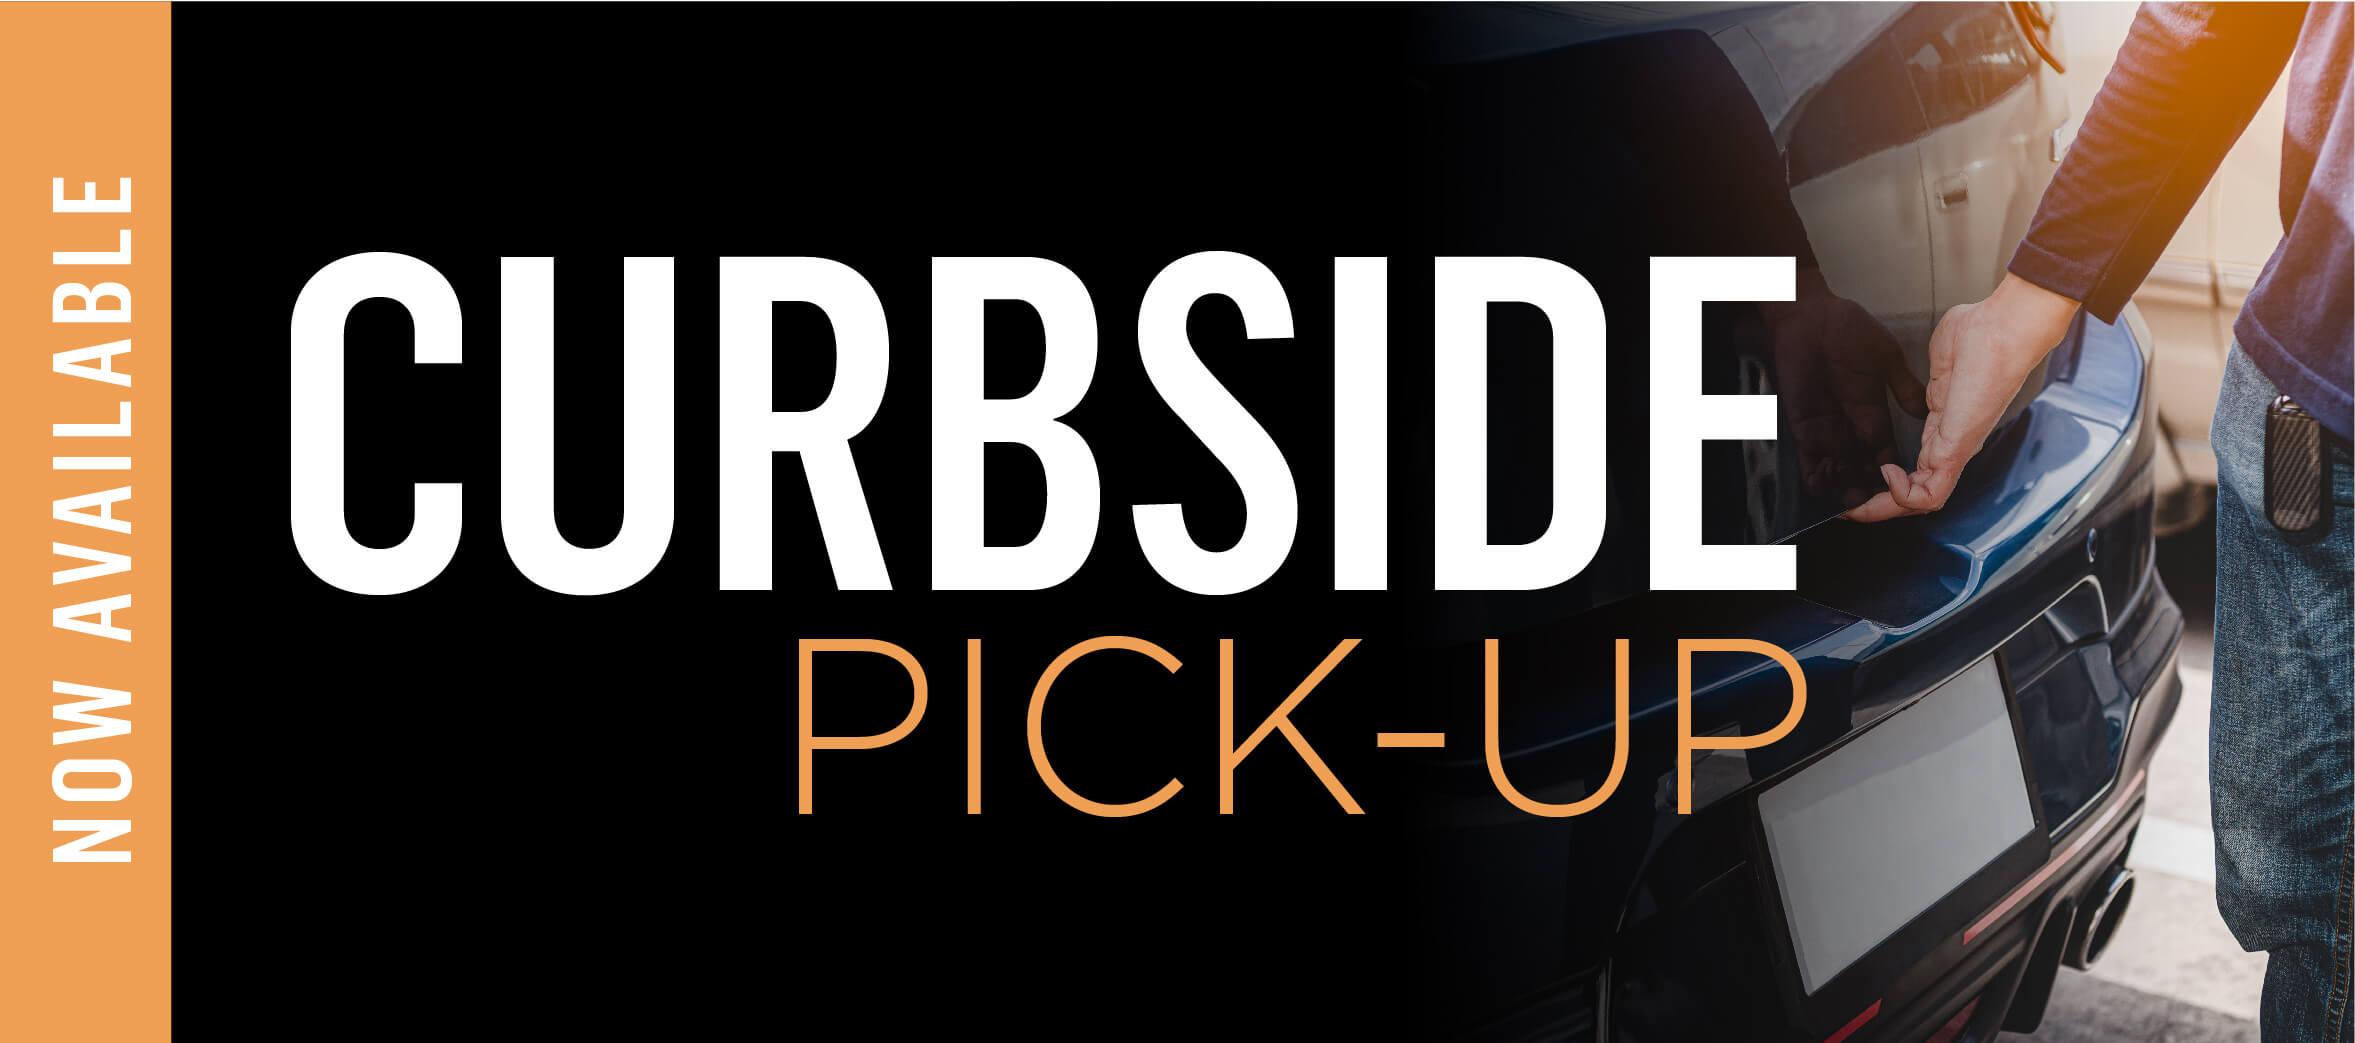 curbside-pickup-header-en